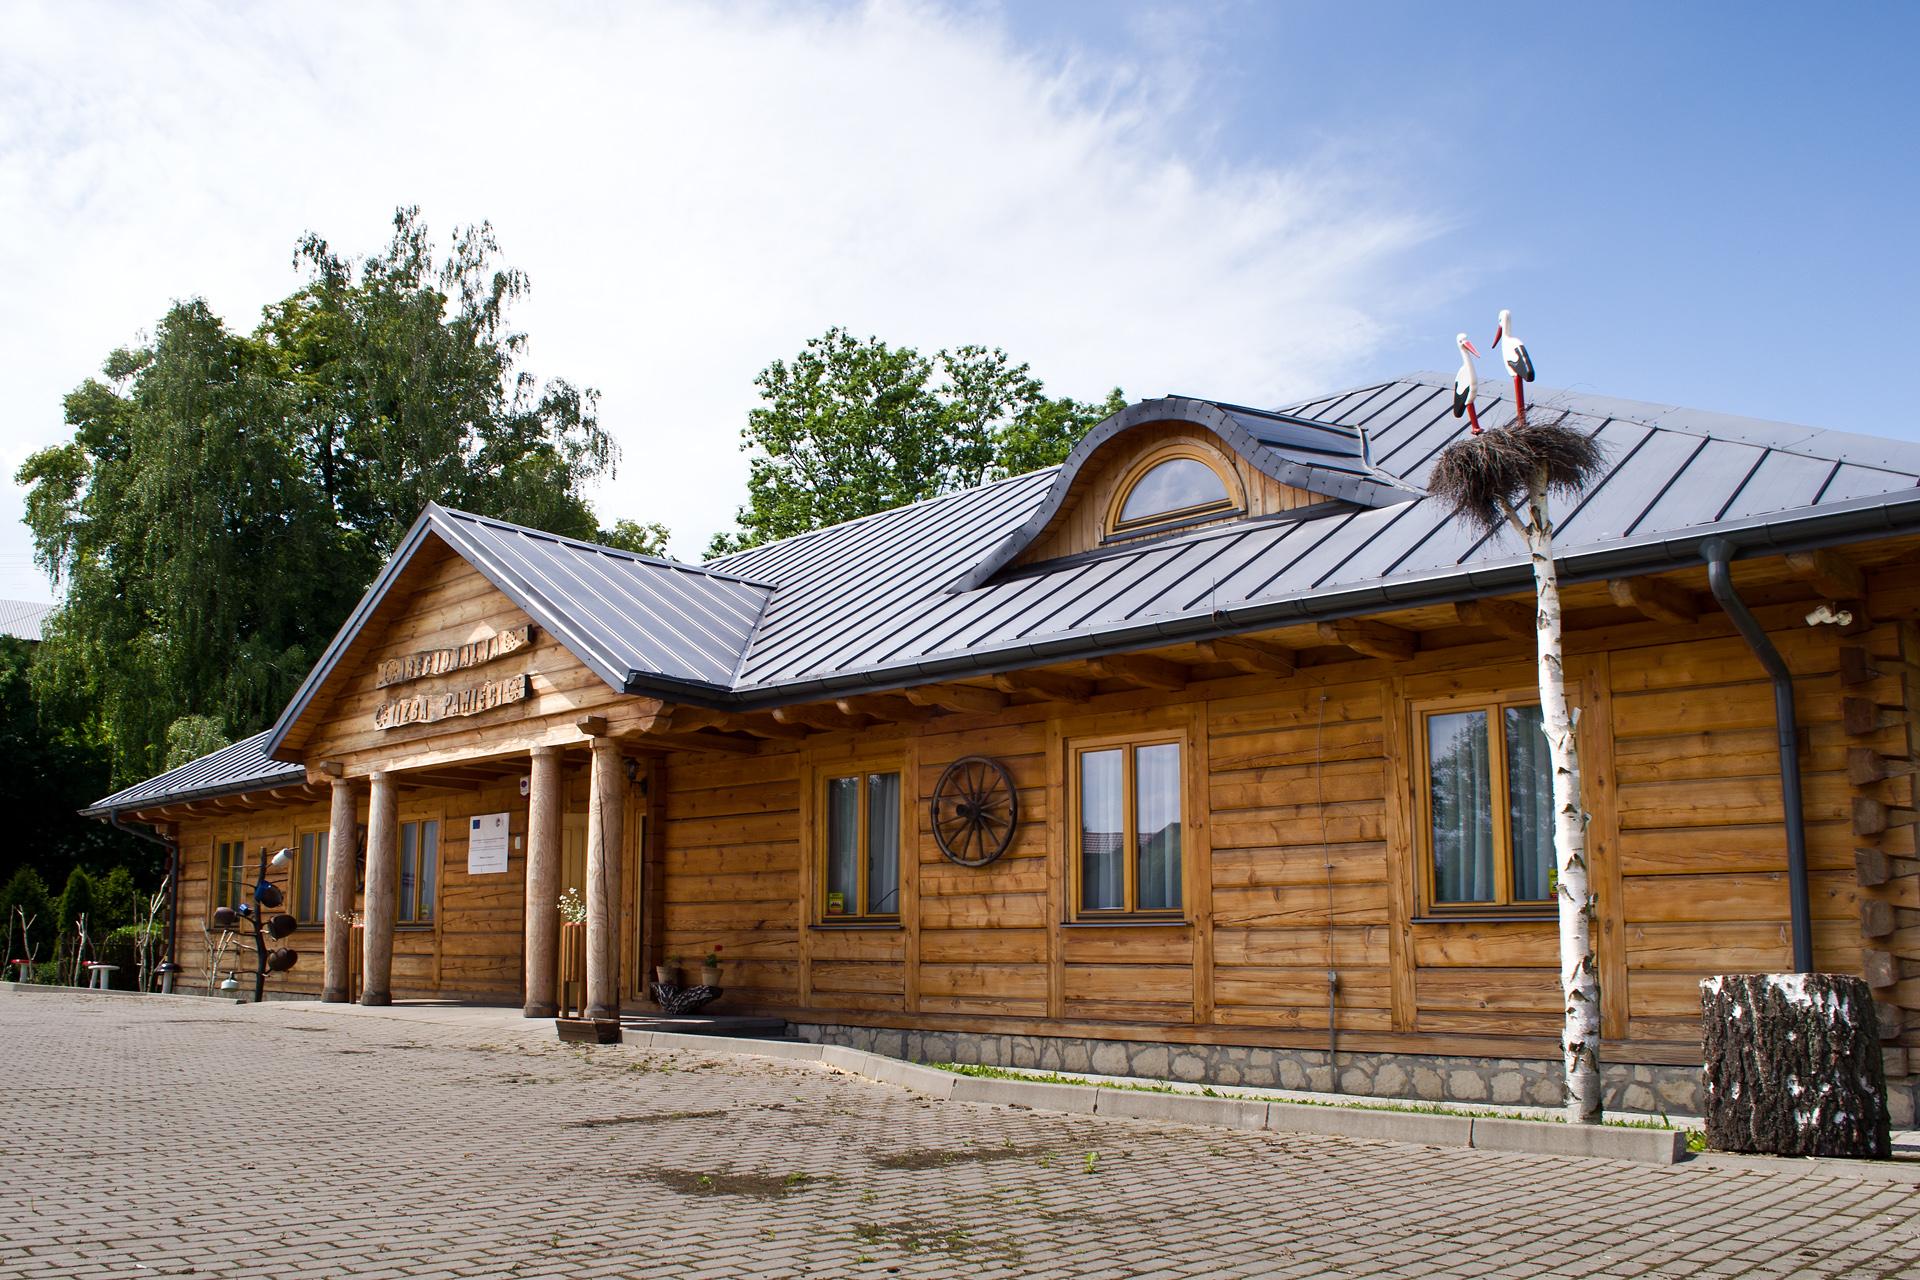 Izba Gminy Zamość w TVP3